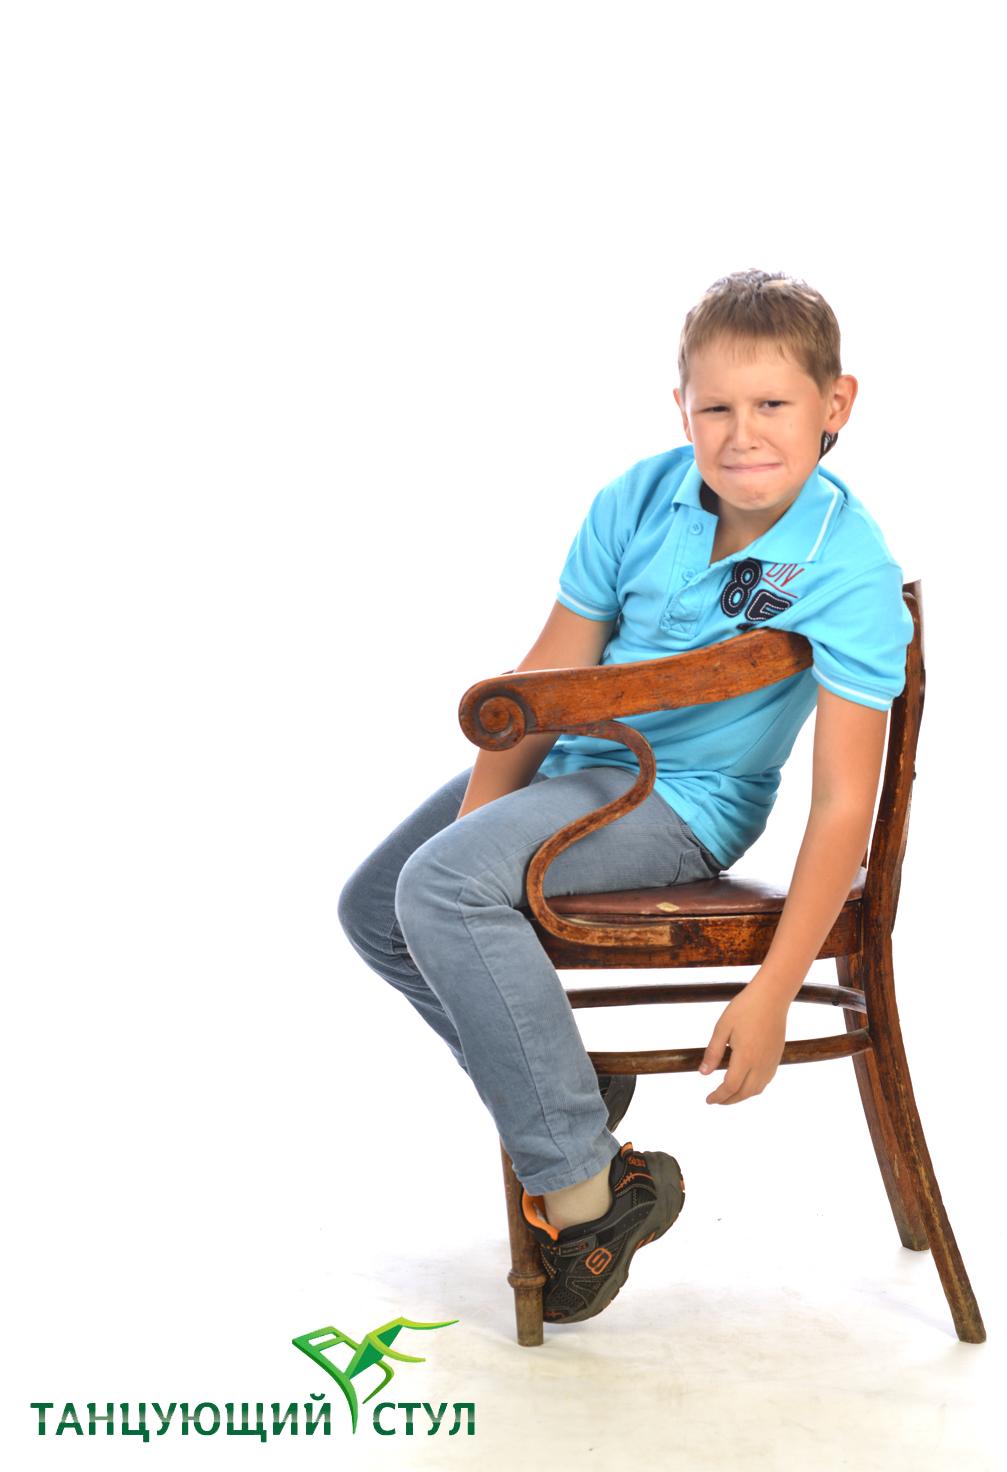 Почему ребенок ёрзает, когда сидит на стуле?